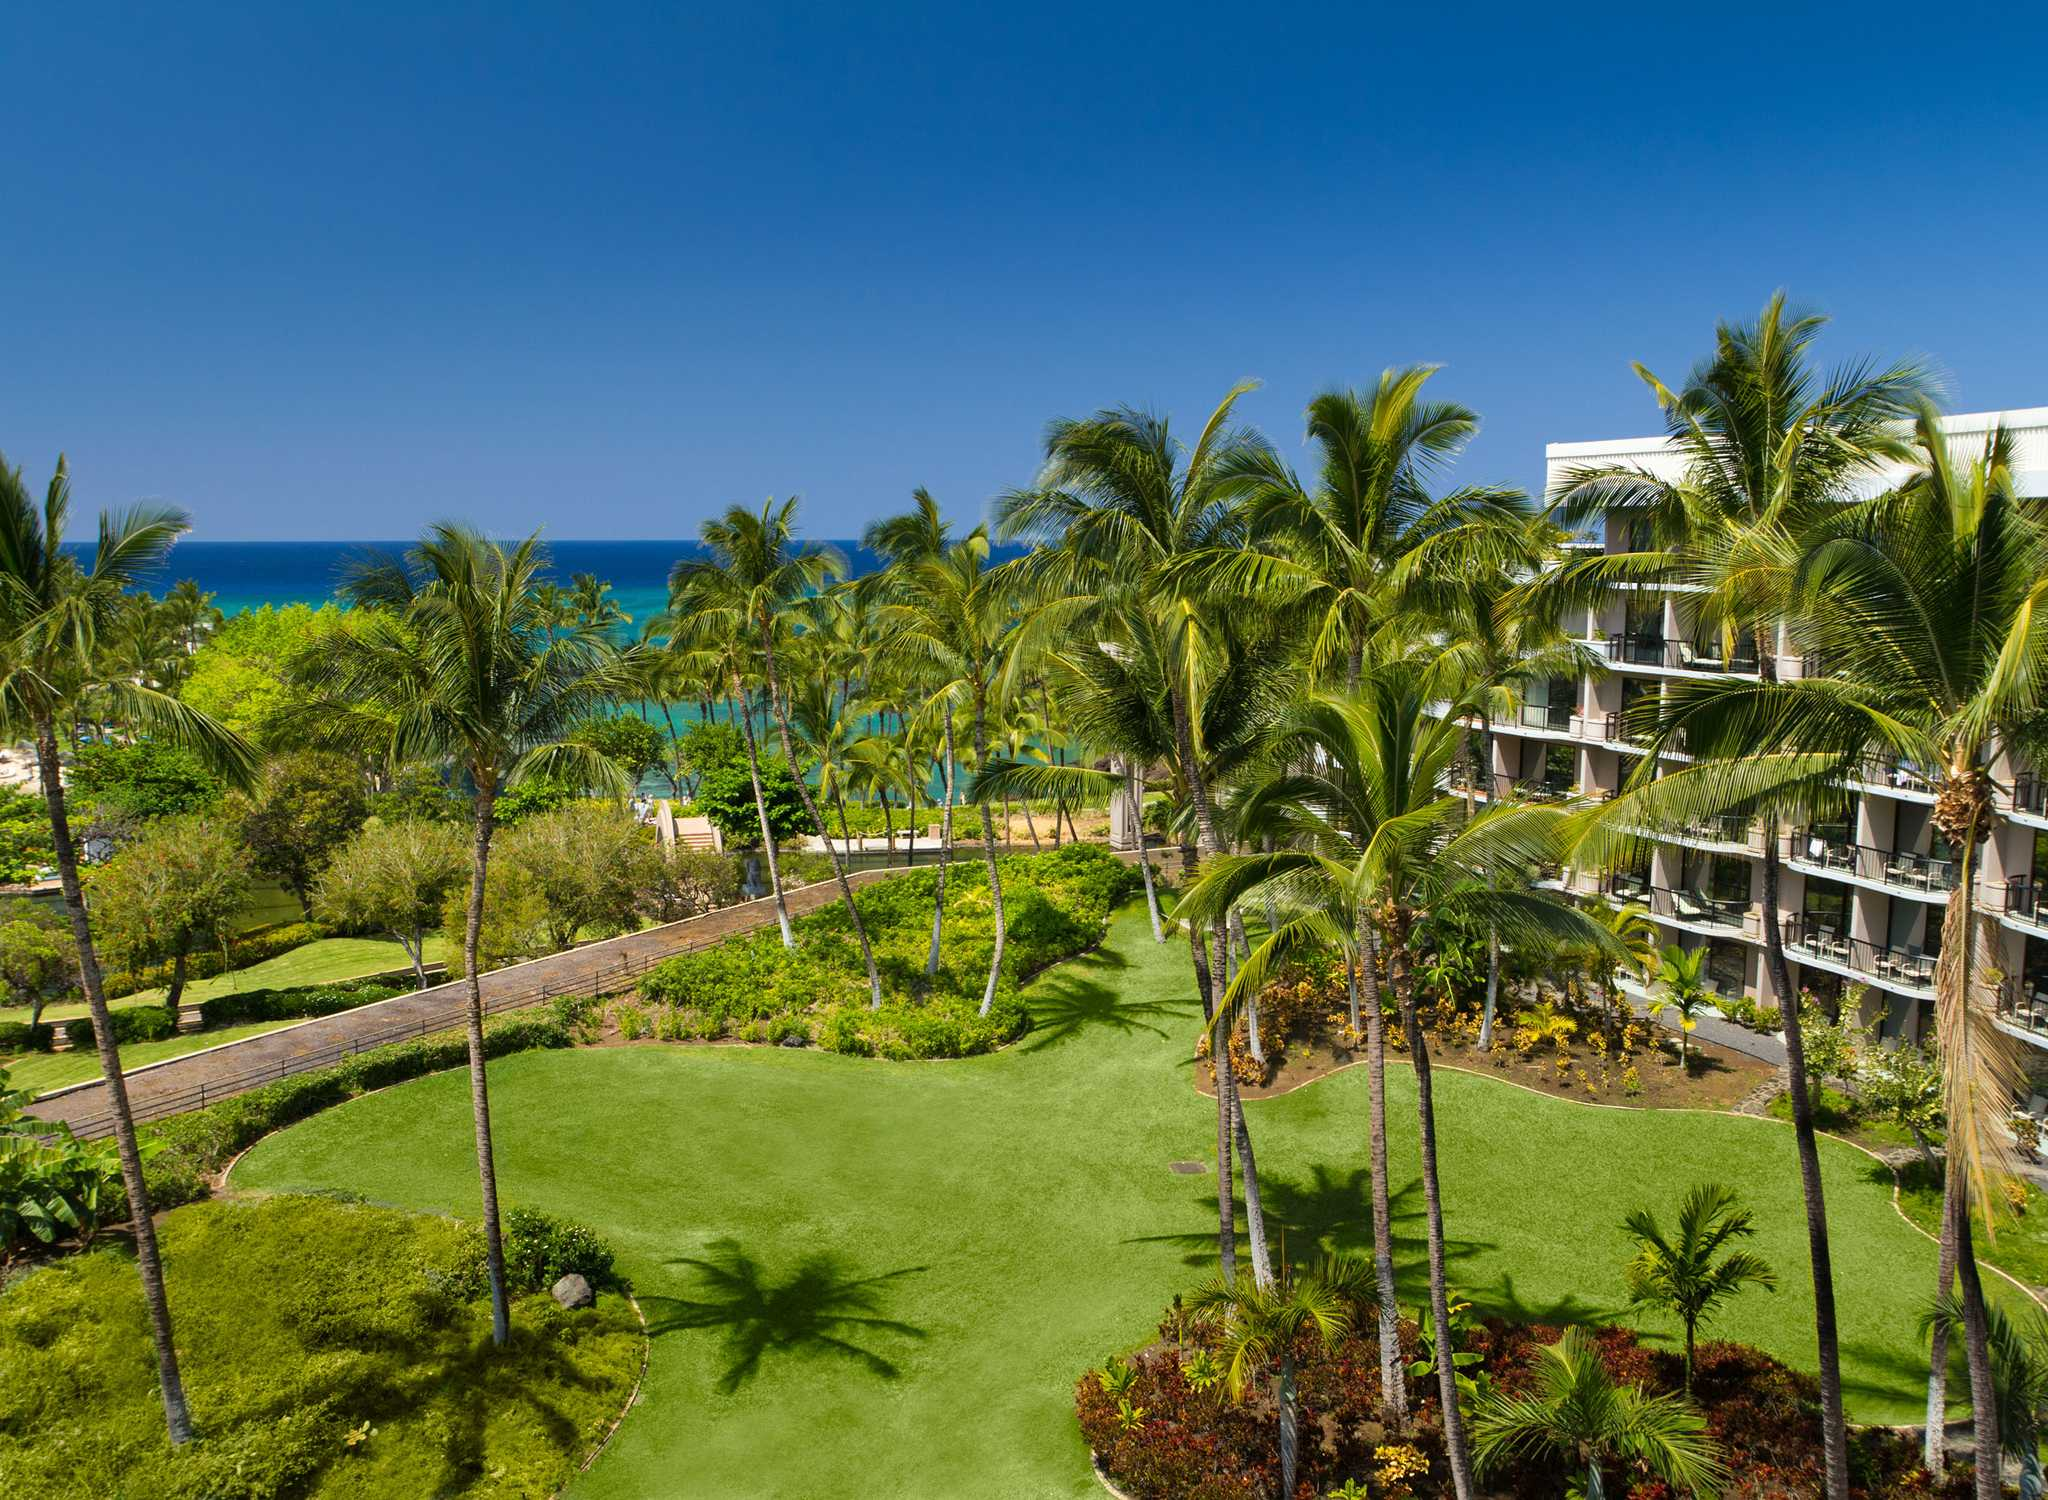 miglior sito di incontri per le Hawaii